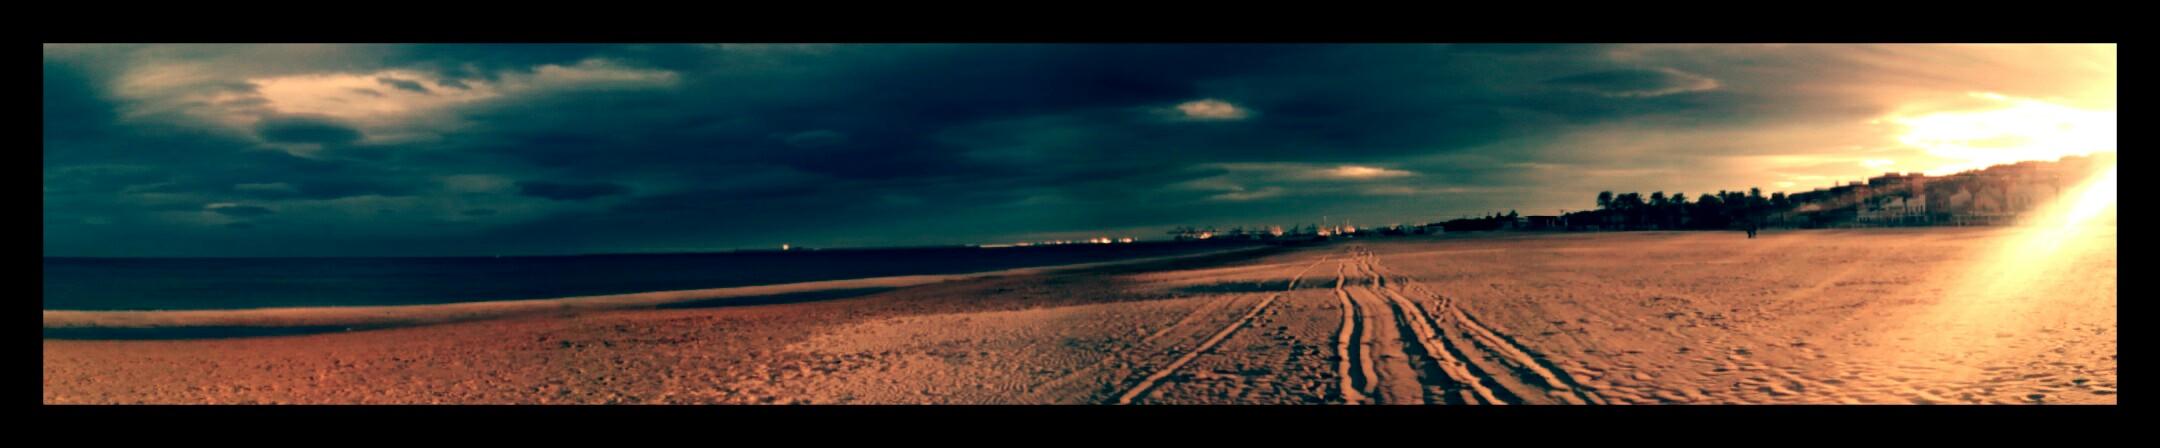 tengerpart a lemenő nap fényében